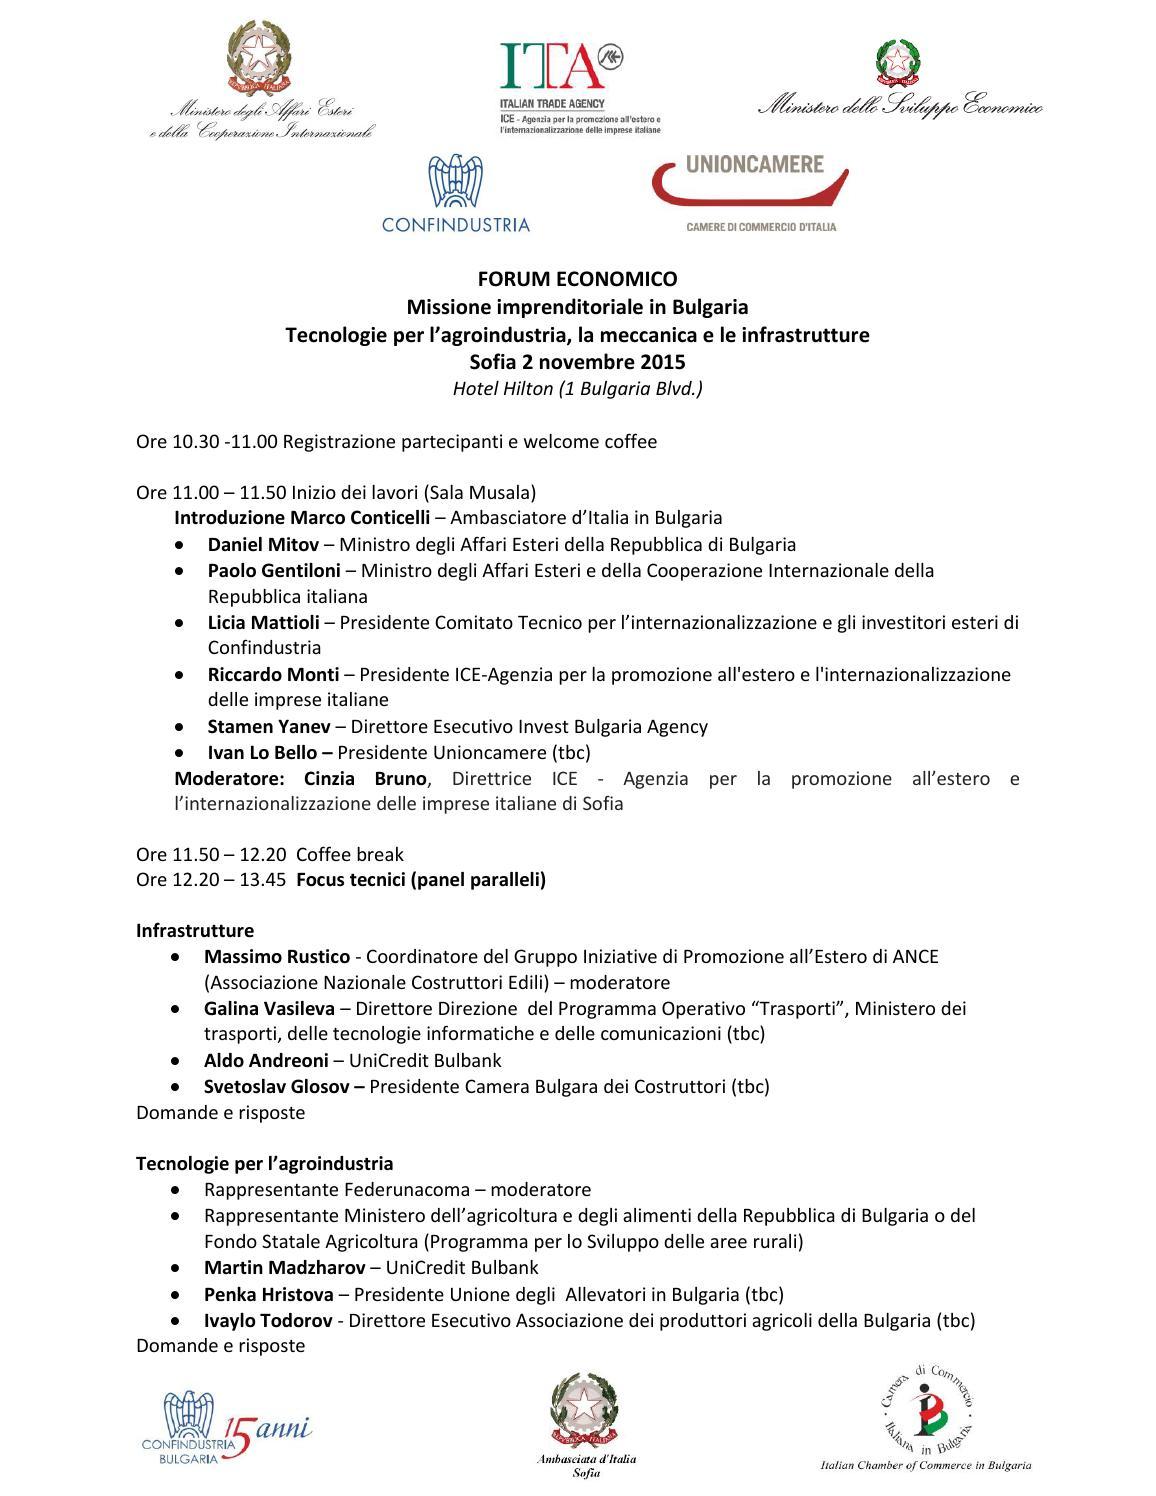 Bozza programma aggiornato 15 10 2015 by camera di commercio italiana in bulgaria issuu - Agenzia immobiliare sofia bulgaria ...